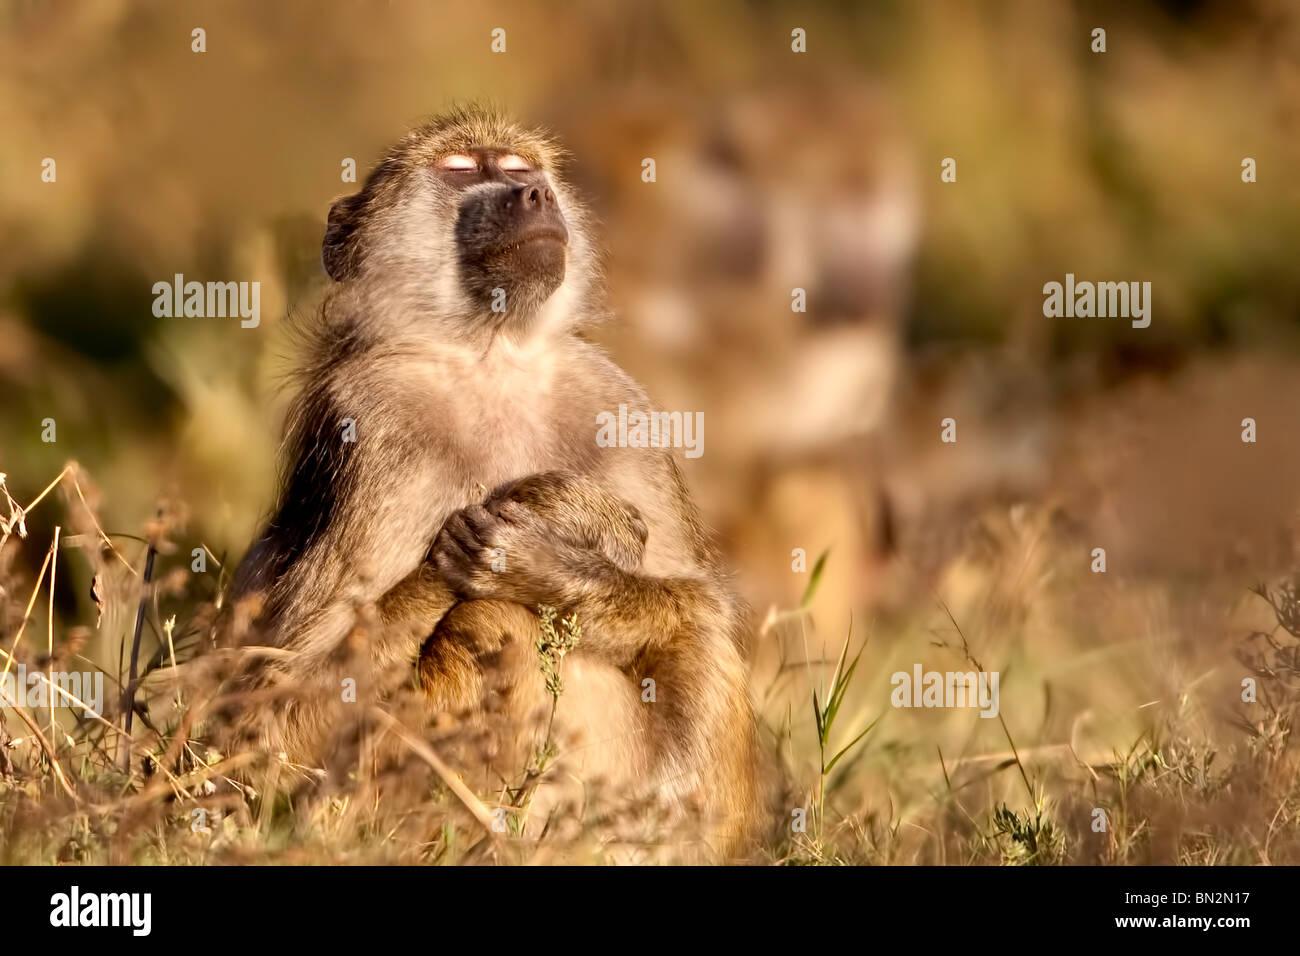 Babbuino seduto con gli occhi chiusi e con le braccia incrociate in una posizione orante al mattino presto sun Immagini Stock